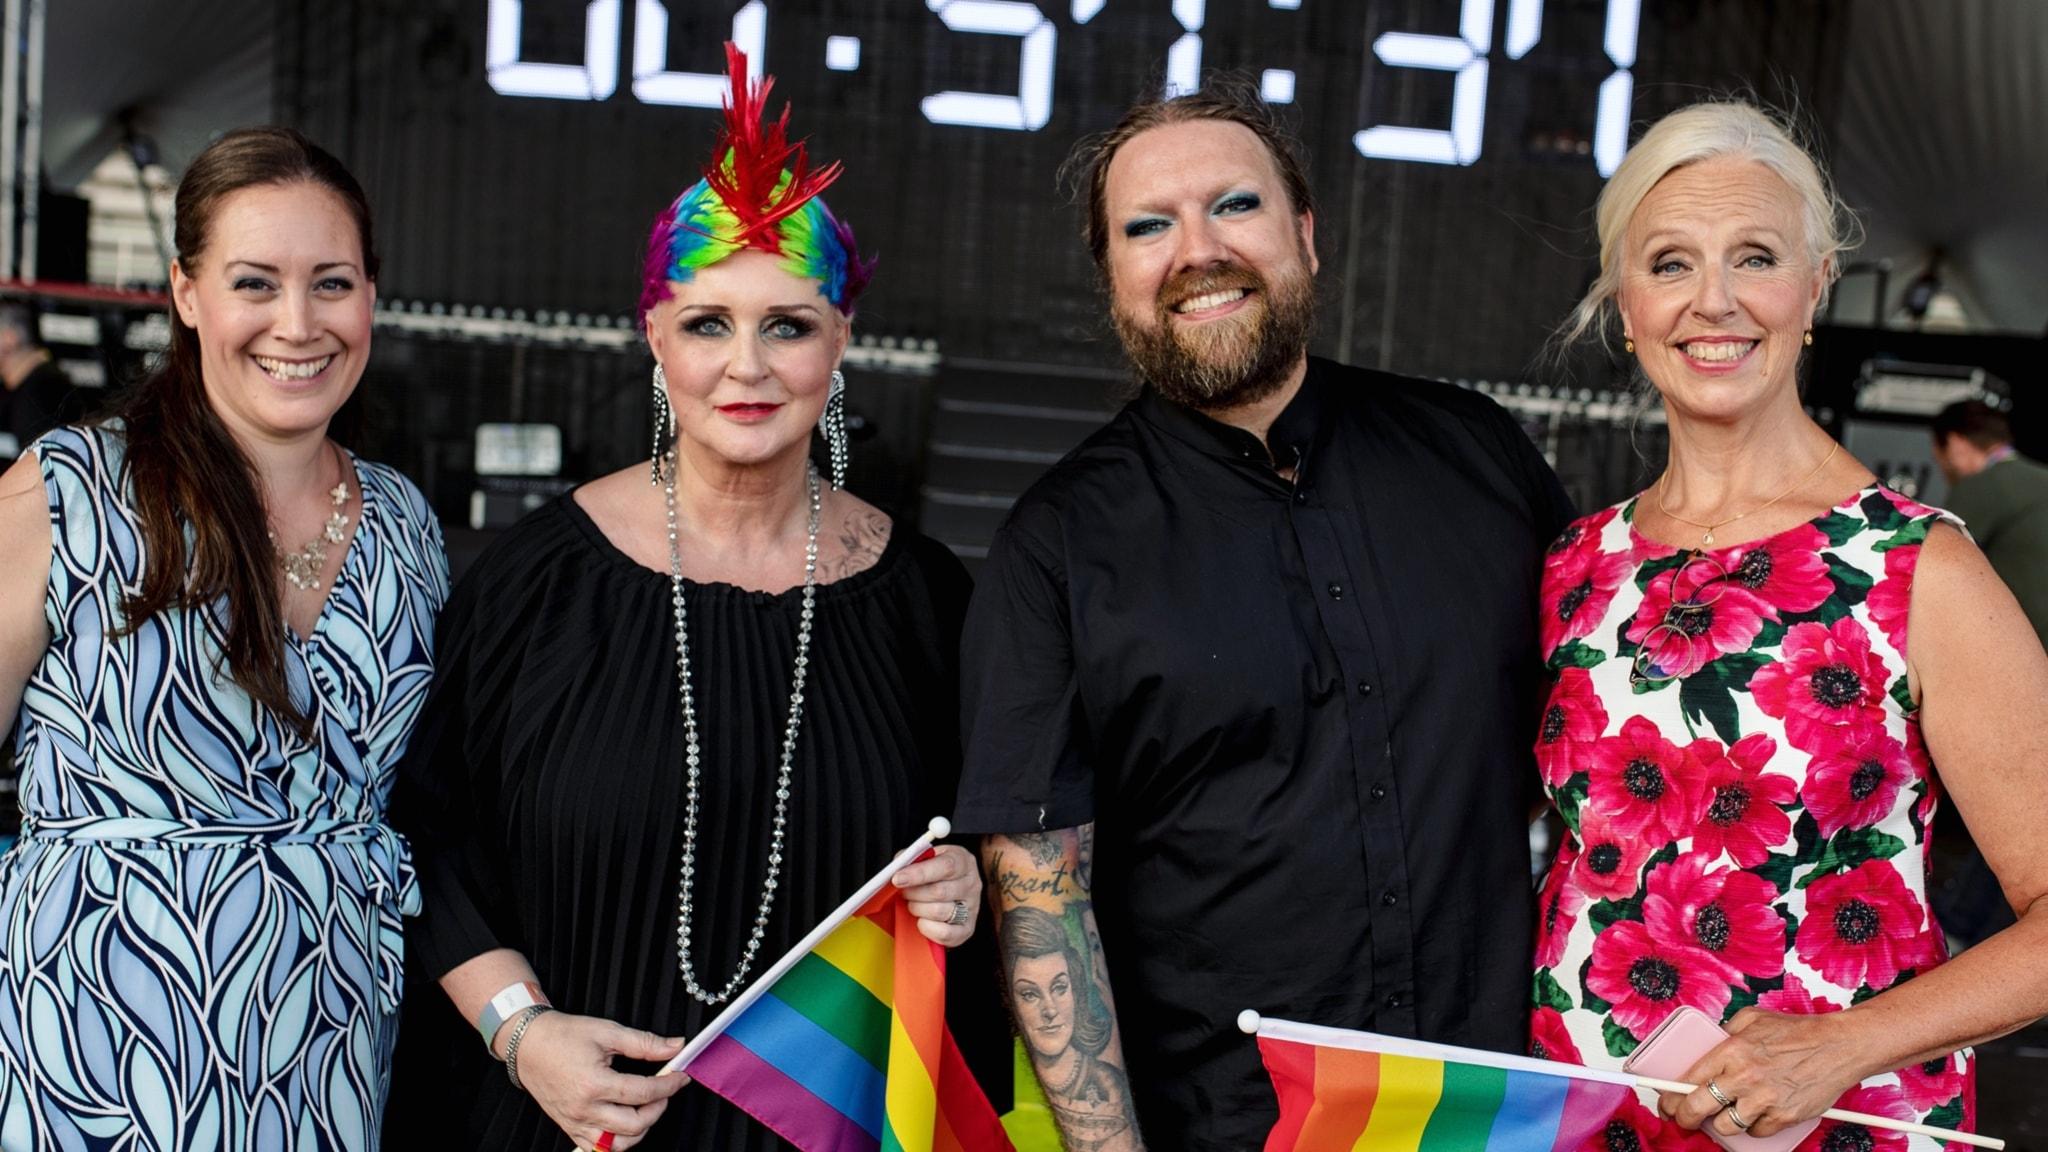 Opera sing-along på Pride 2018 med gäster Anne Sofie von Otter, Iréne Theorin och Karolina Andersson